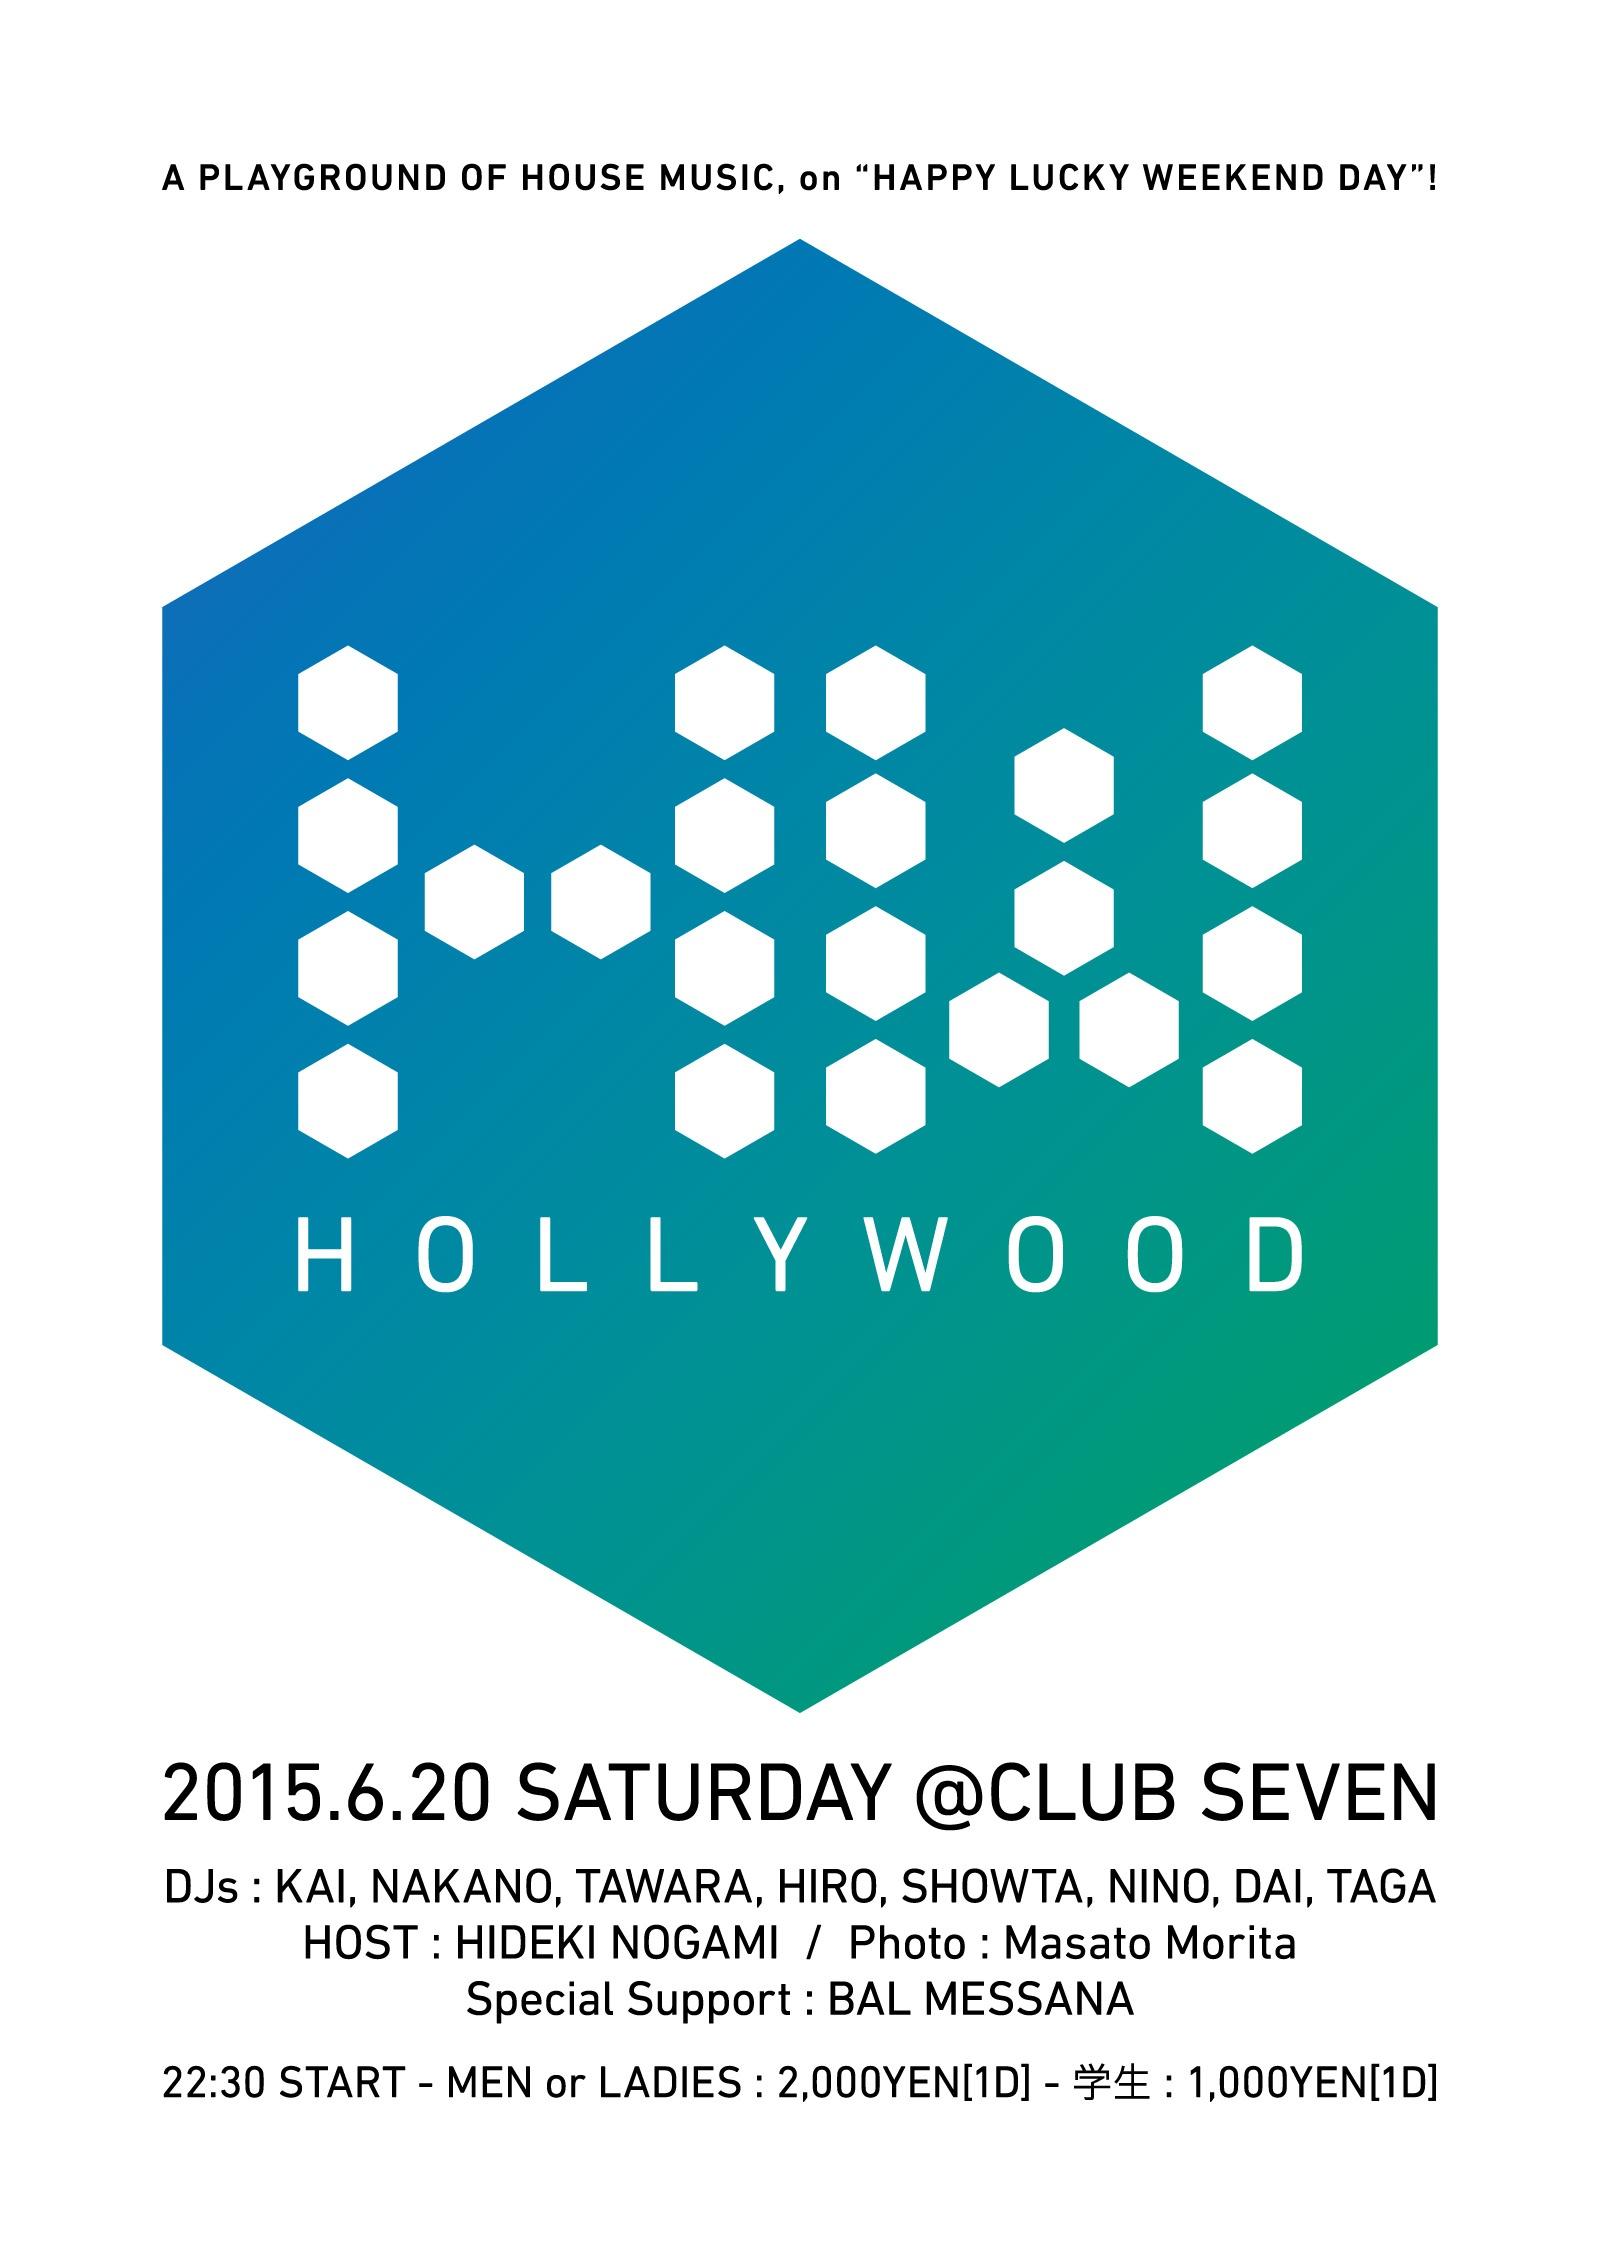 2015.6.20 SAT – KAI & TAWARA : DJ@SEVEN LOUNGE / HOLLYWOOD